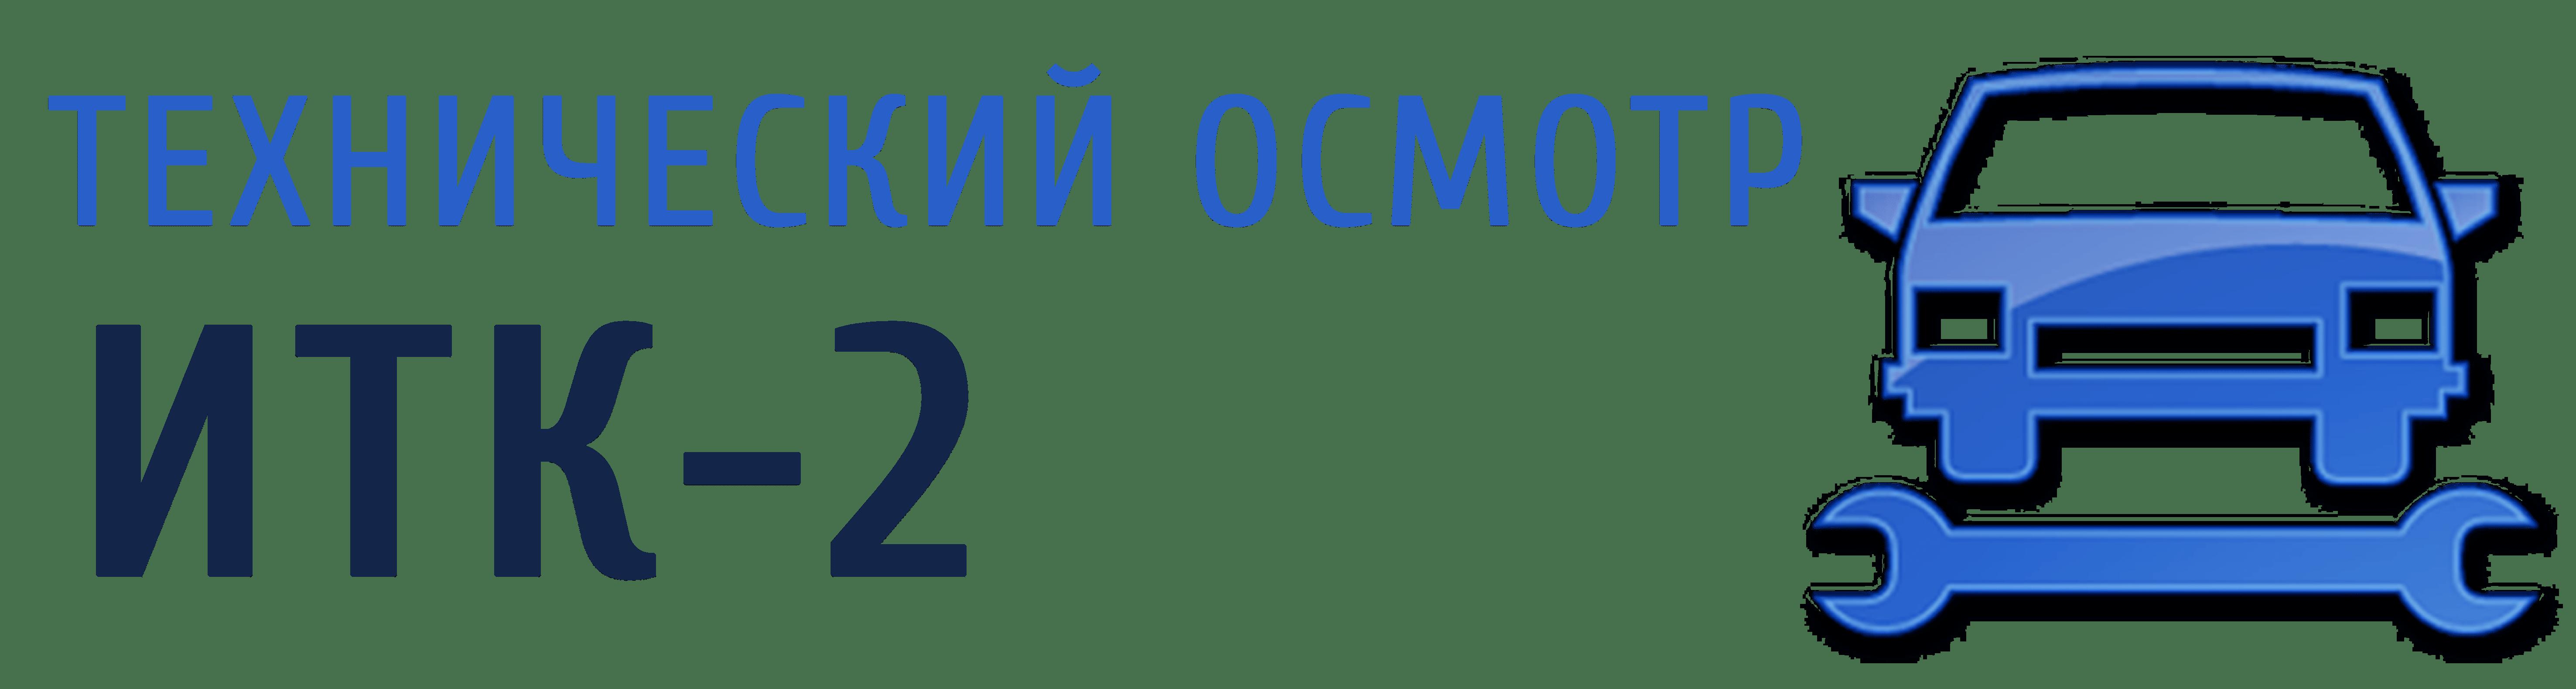 ИТК2 — Технический осмотр в городе Иваново